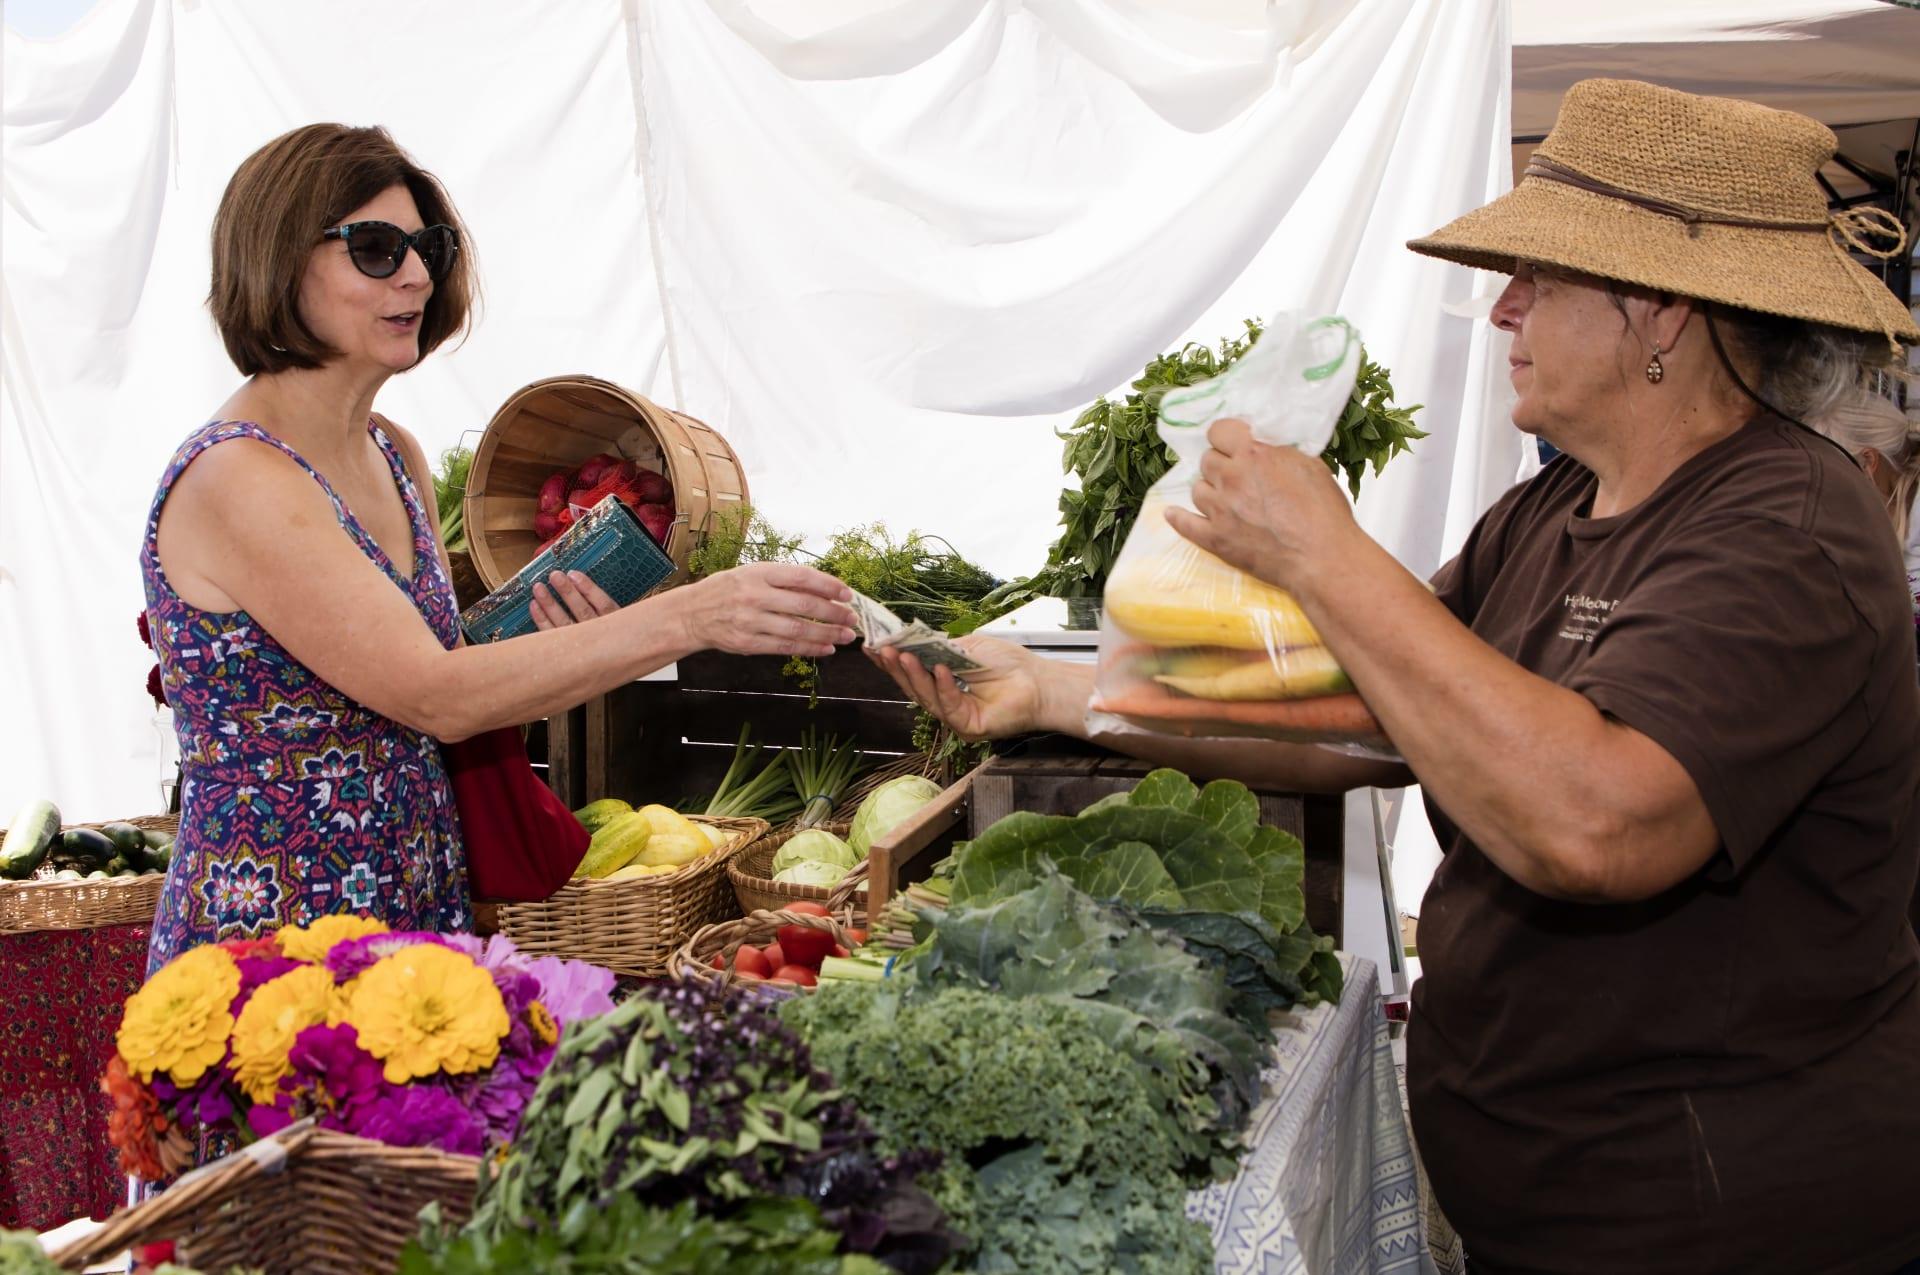 10. Farmer's Market